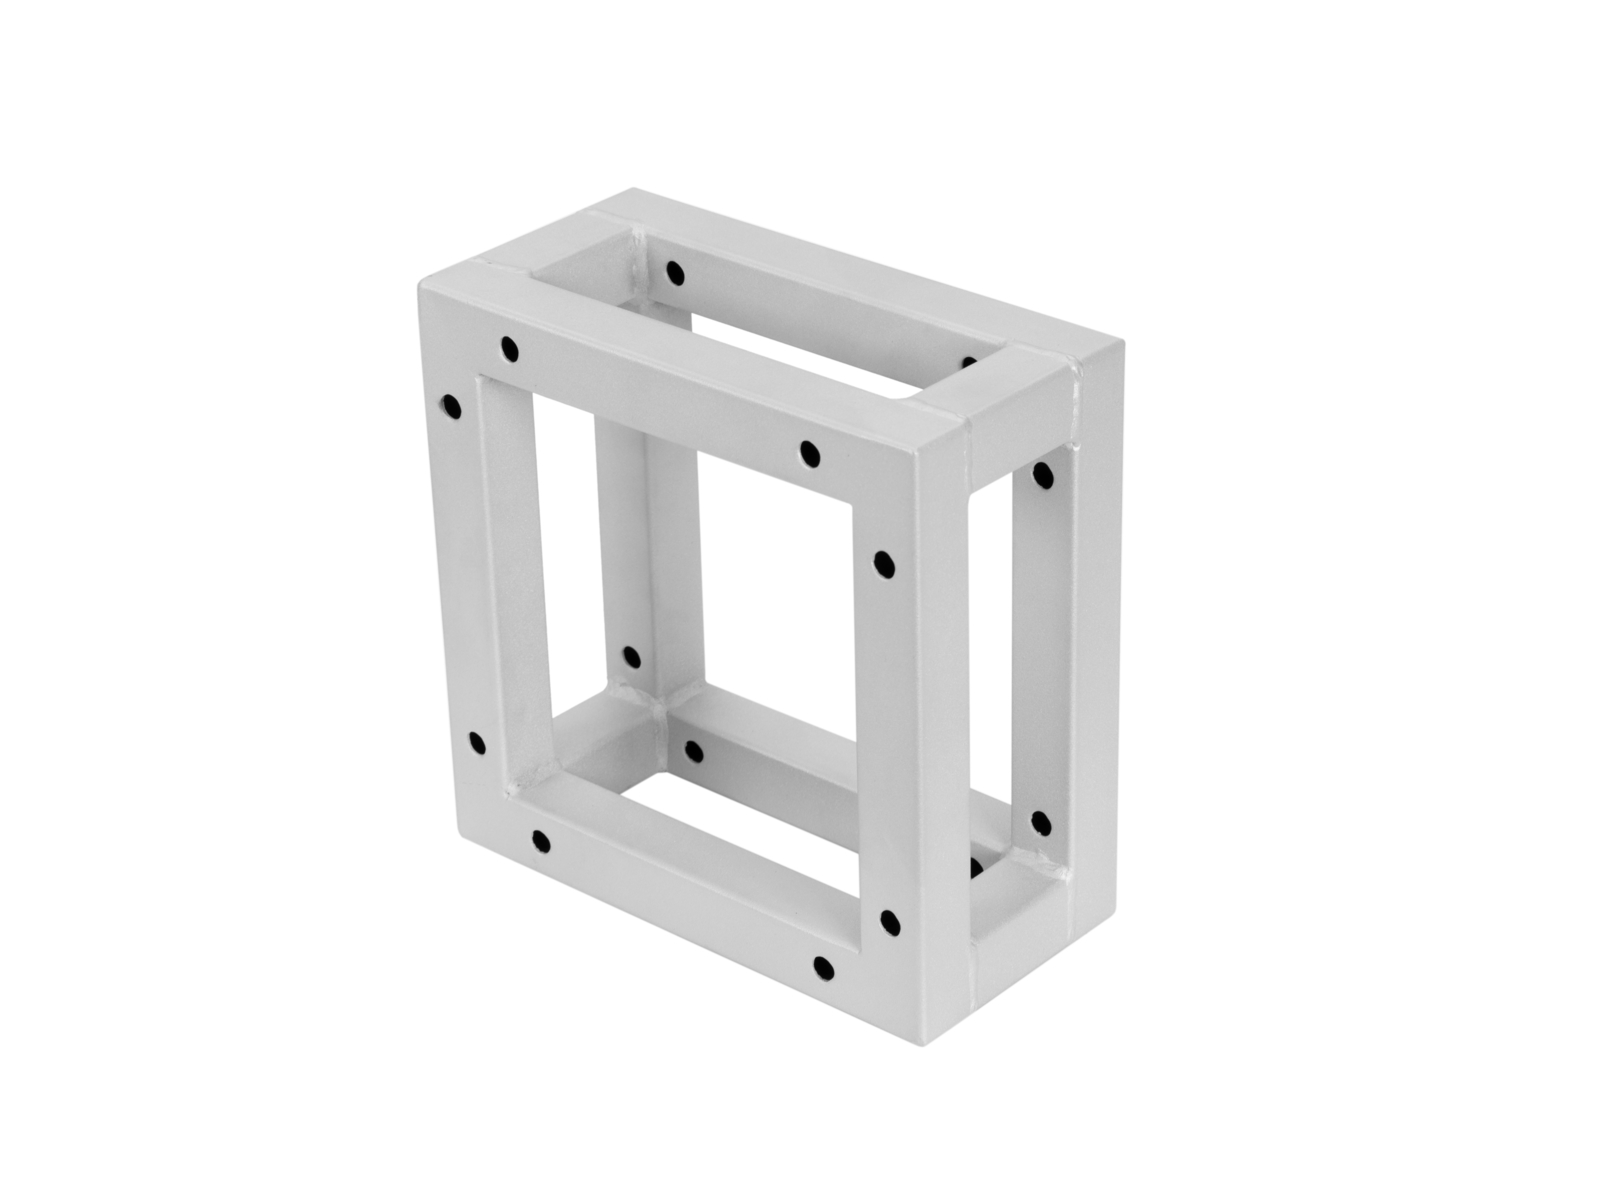 DECOTRUSS Quad Spacer Block sil